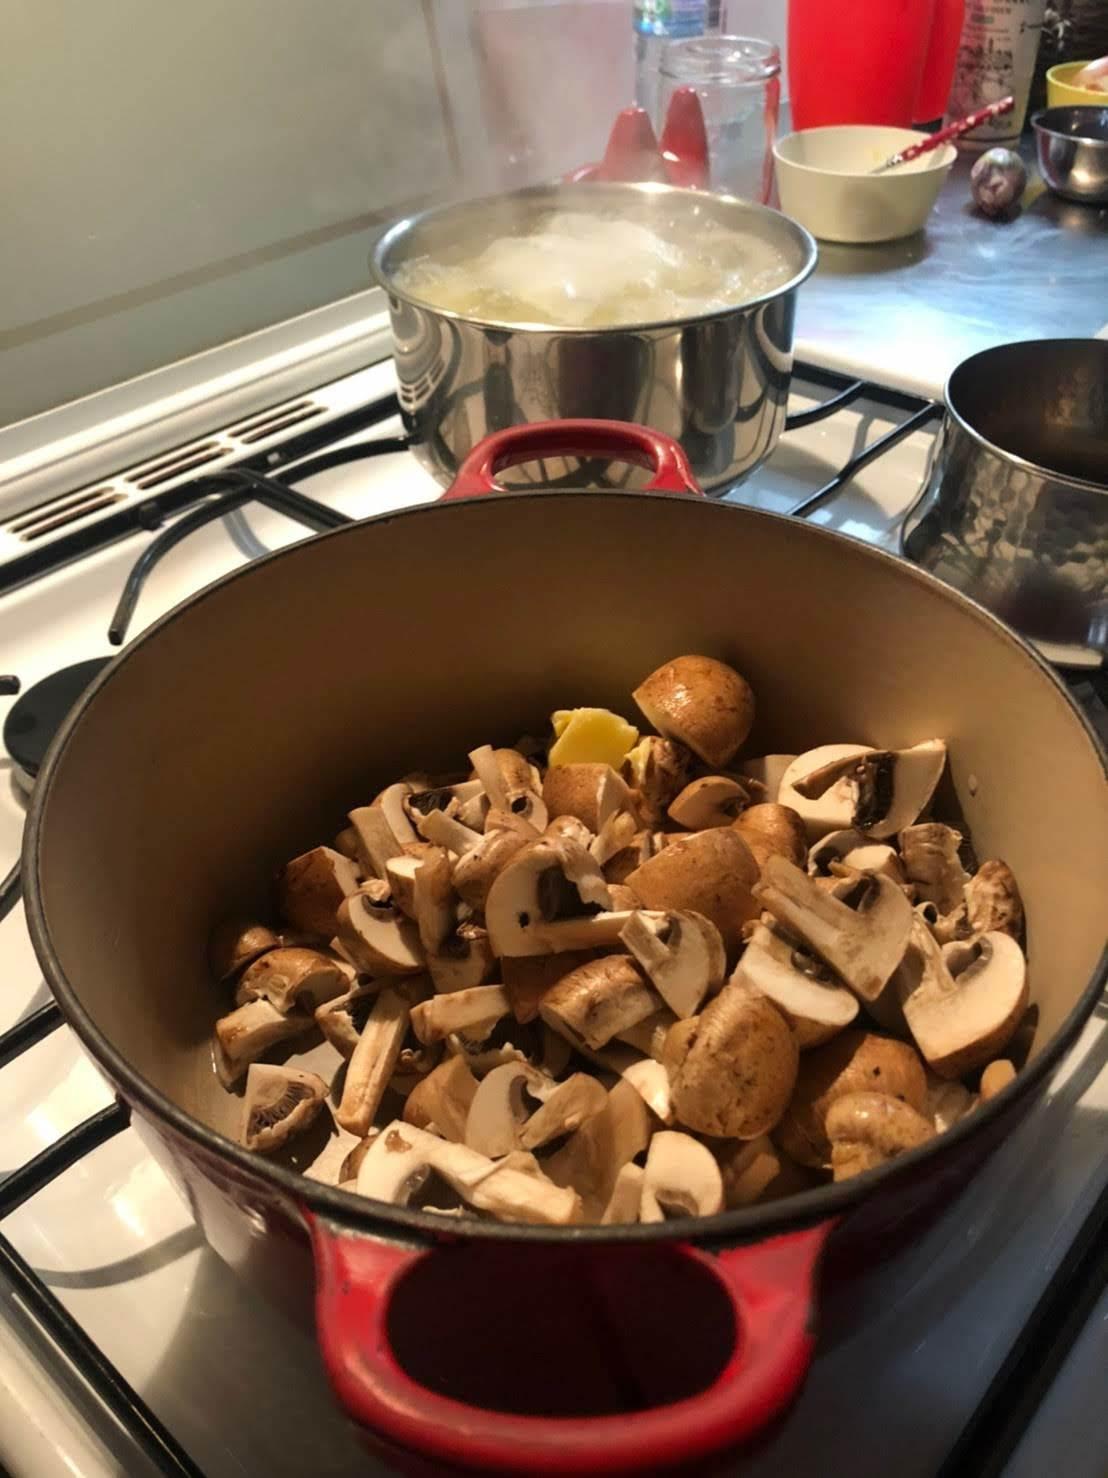 レストラン流、美味しいステーキの焼き方を習いました【サン・ファソン 本多シェフに習うフレンチ】_b0345136_20165517.jpg